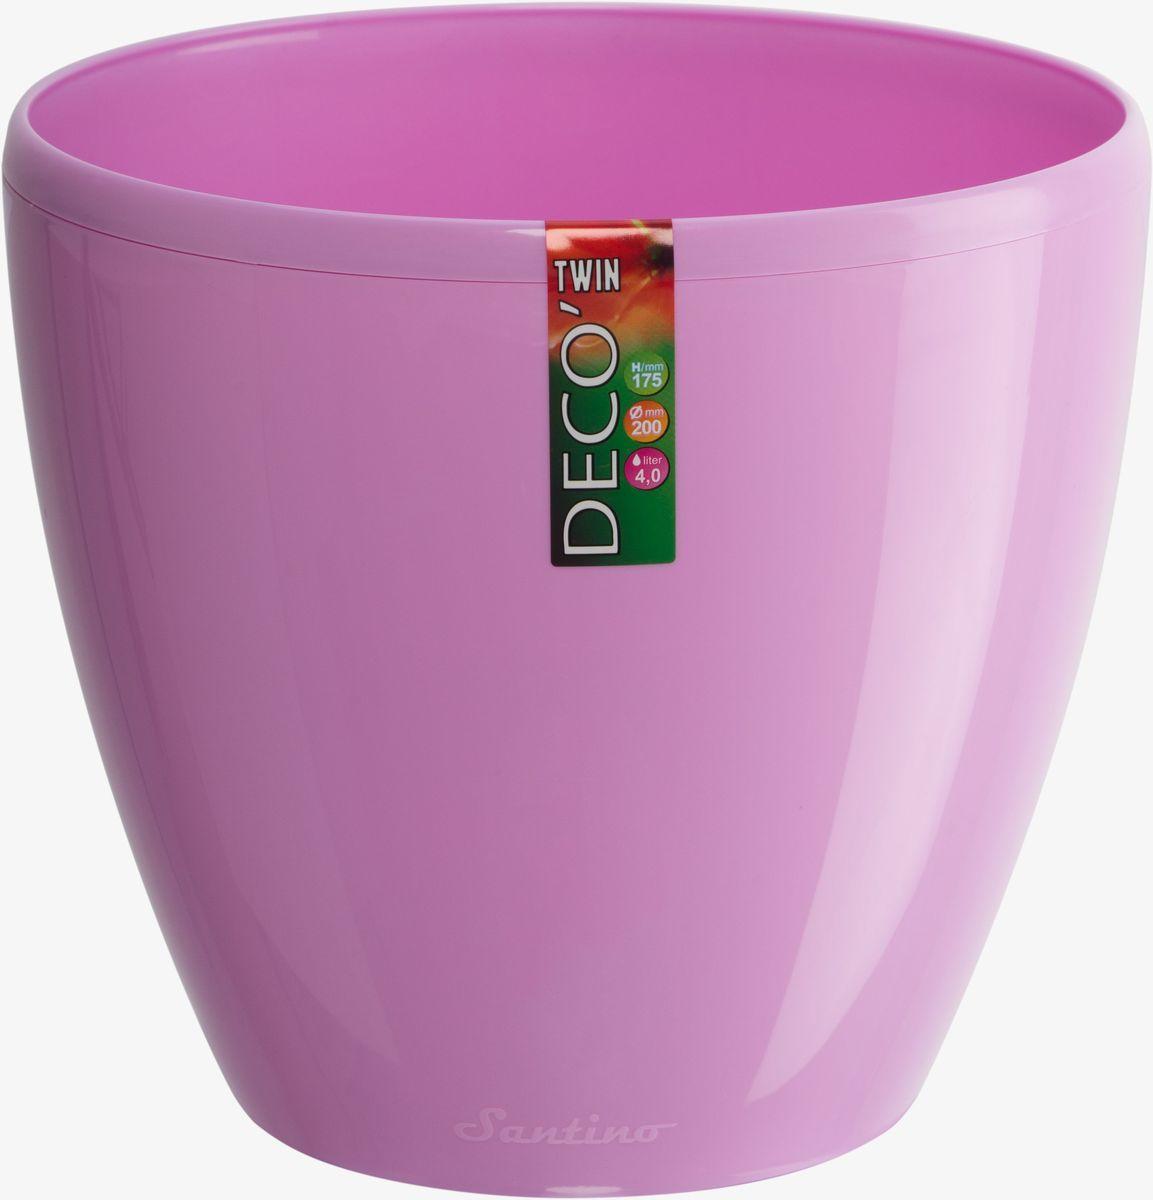 Горшок цветочный Santino Deco Twin, двойной, с системой автополива, цвет: лаванда, 2,5 л531-304Горшок цветочный Santino Deco Twin снабжен дренажной системой и состоит из кашпо и вазона-вкладыша. Изготовлен из пластика. Особенность: тарелочка или блюдце не нужны. Горшок предназначен для любых растений или цветов. Цветочный дренаж – это система, которая позволяет выводить лишнюю влагу через корневую систему цветка и слой почвы. Растение – это живой организм, следовательно, ему необходимо дышать. В доступе к кислороду нуждаются все части растения: -листья; -корневая система. Если цветовод по какой-либо причине зальет цветок водой, то она буквально вытеснит из почвенного слоя все пузырьки кислорода. Анаэробная среда способствует развитию различного рода бактерий. Безвоздушная среда приводит к загниванию корневой системы, цветок в результате увядает. Суть работы дренажной системы заключается в том, чтобы осуществлять отвод лишней влаги от растения и давать возможность корневой системе дышать без проблем. Следовательно, каждому цветку необходимо: -иметь в основании цветочного горшочка хотя бы одно небольшое дренажное отверстие. Оно необходимо для того, чтобы через него выходила лишняя вода, плюс ко всему это отверстие дает возможность циркулировать воздух. -на самом дне горшка необходимо выложить слоем в 2-5 см (зависит от вида растения) дренаж.УВАЖАЕМЫЕ КЛИЕНТЫ!Обращаем ваше внимание на тот факт, что фото изделия служит для визуального восприятия товара. Литраж и размеры, представленные на этикетке товара, могут по факту отличаться от реальных. Корректные данные в поле Размеры.